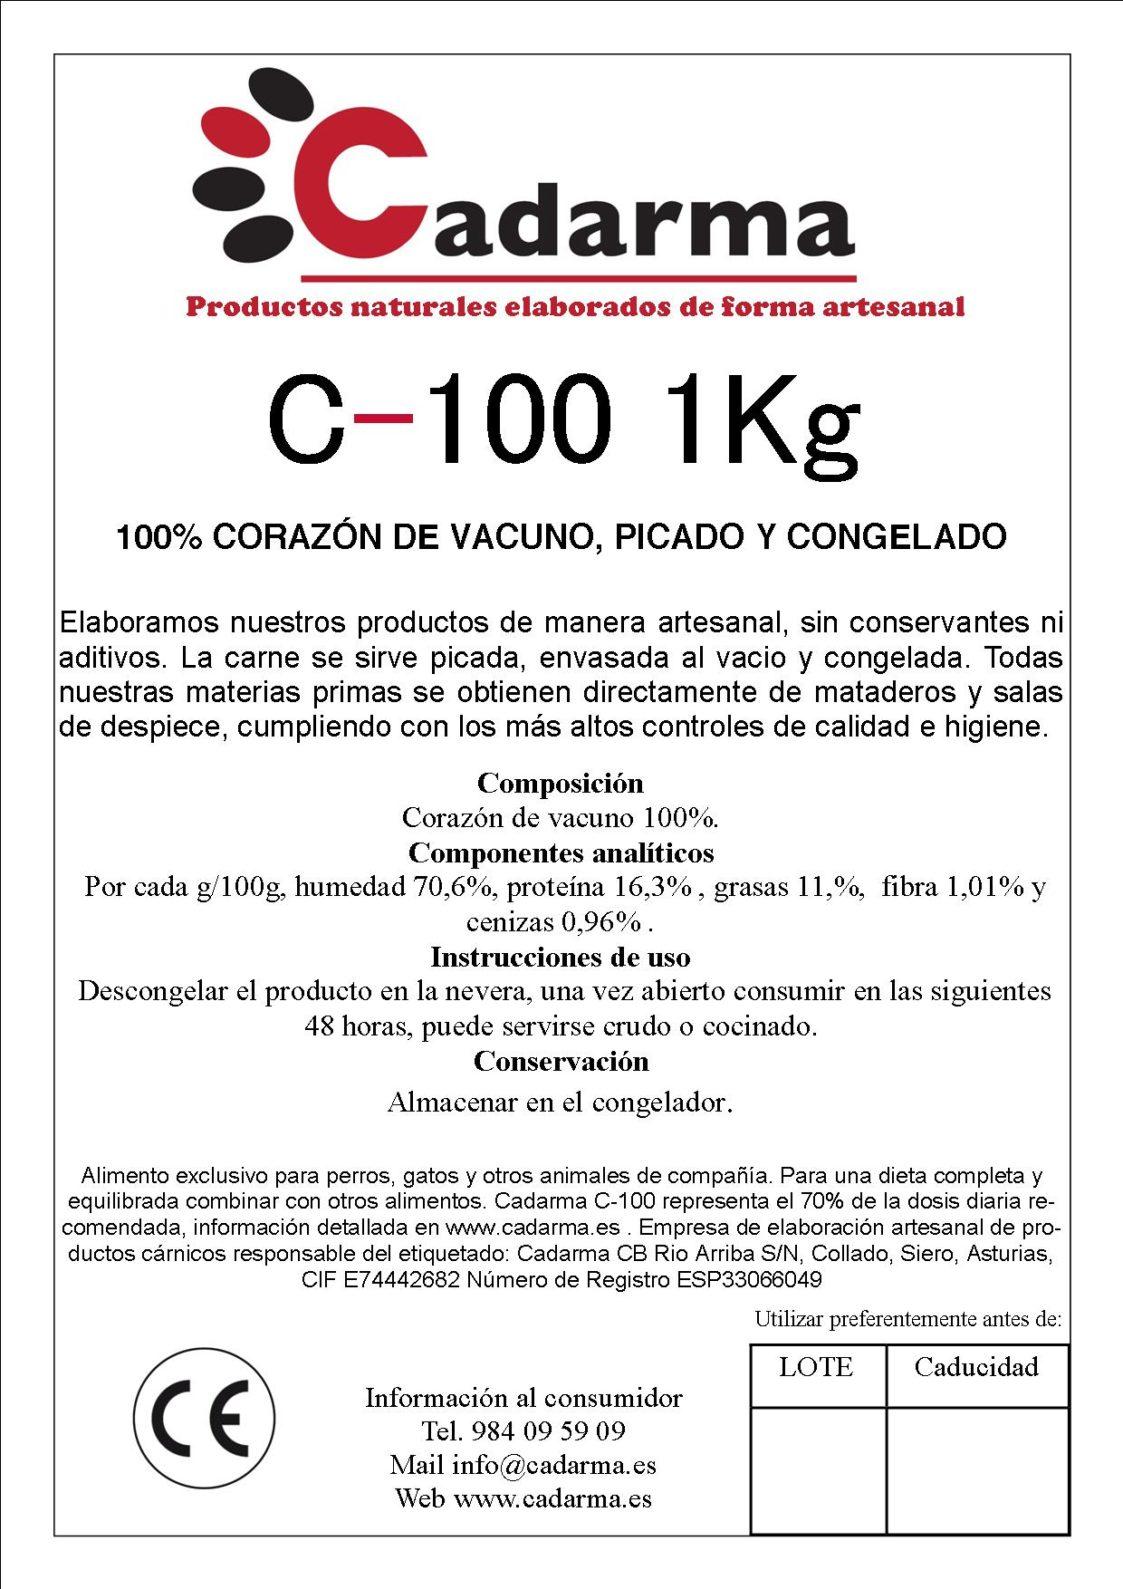 etiqueta 11 C100 1KG